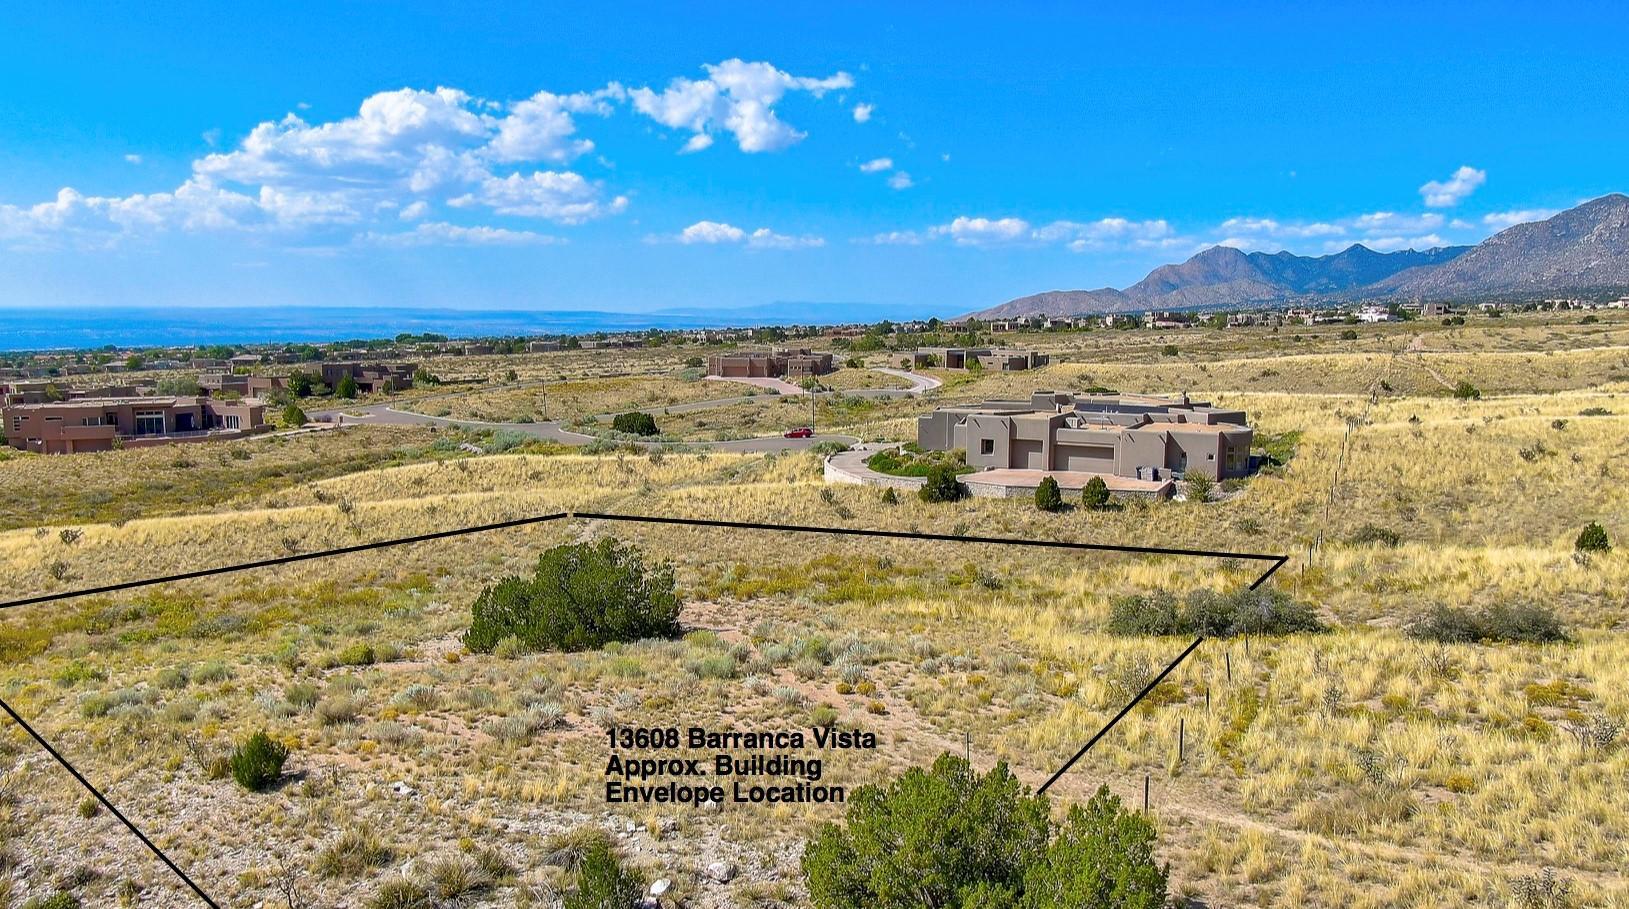 13608 BARRANCA VISTA Court NE Property Photo - Albuquerque, NM real estate listing